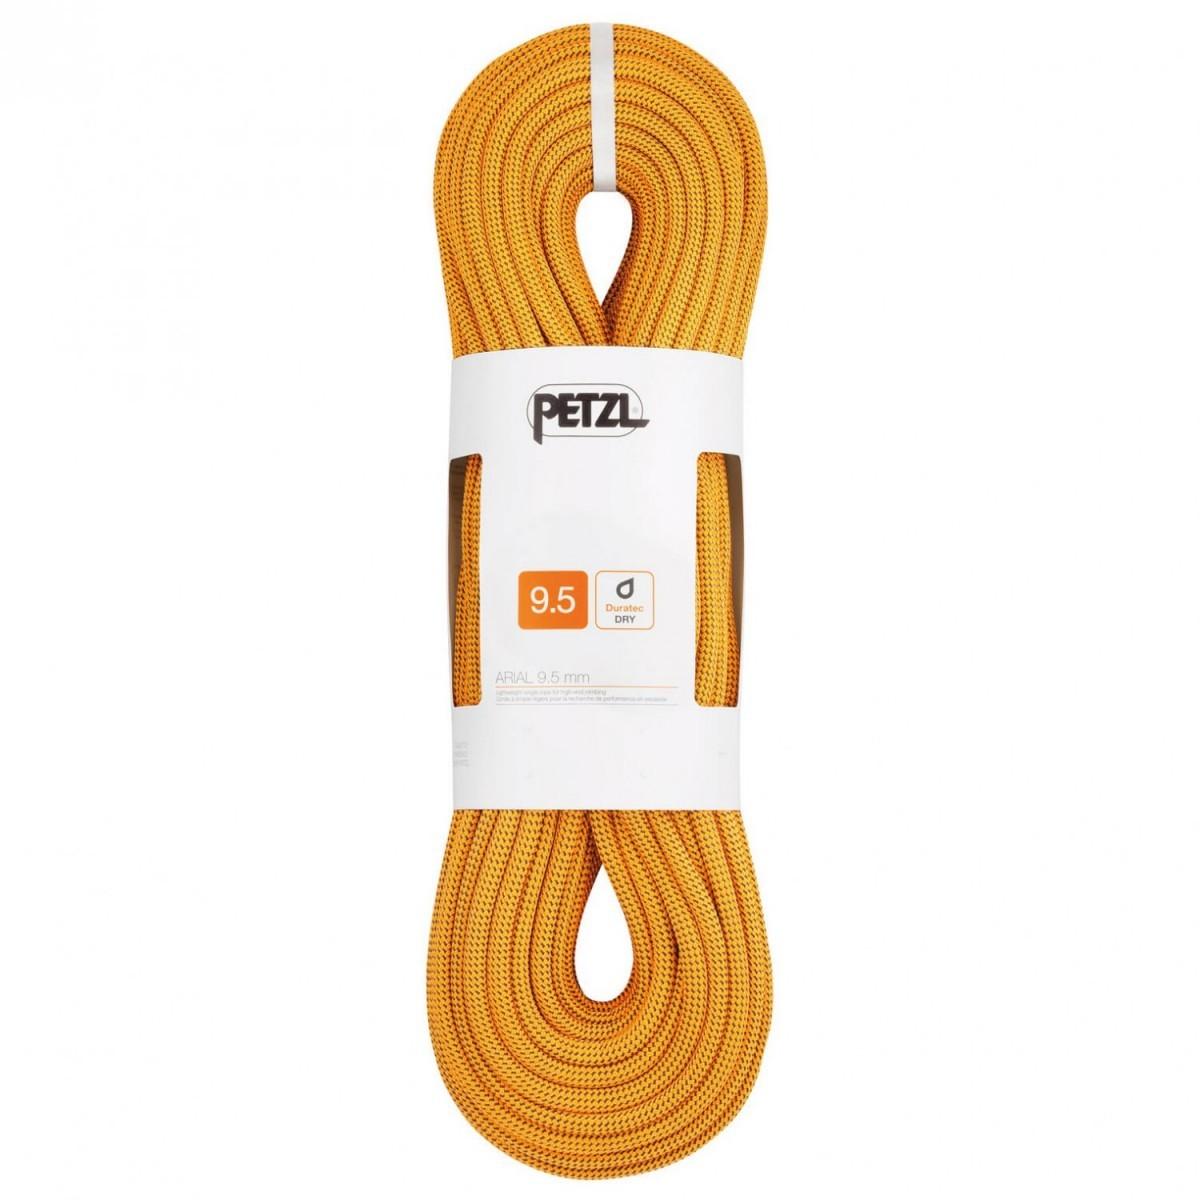 PETZL ペツル Arial 9.5(70m - Gold)★ロープ・ザイル・登山・クライミング★